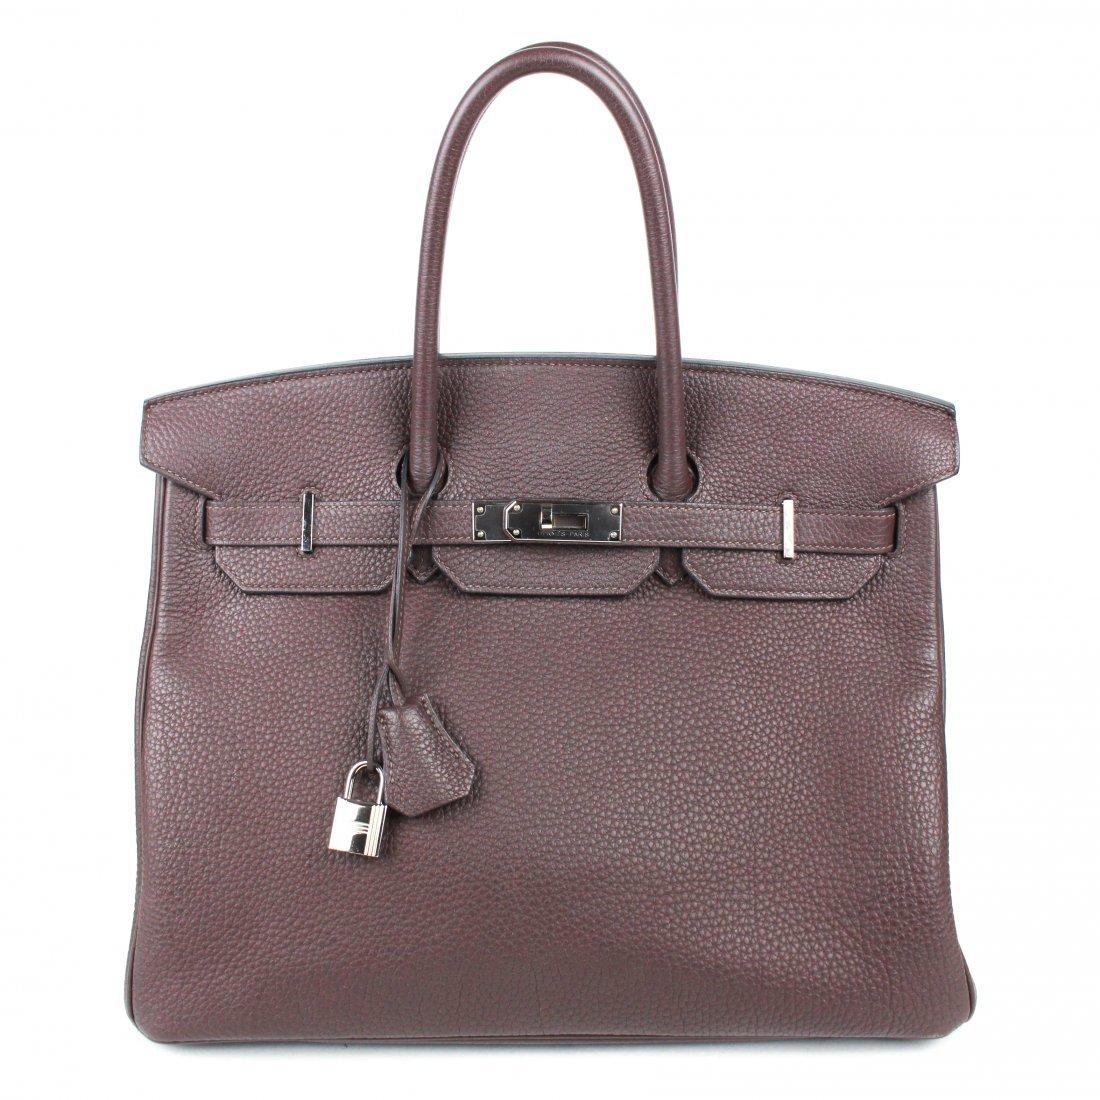 Hermes - 2018 Birkin 35 cm Bag - Brown Togo Leather -